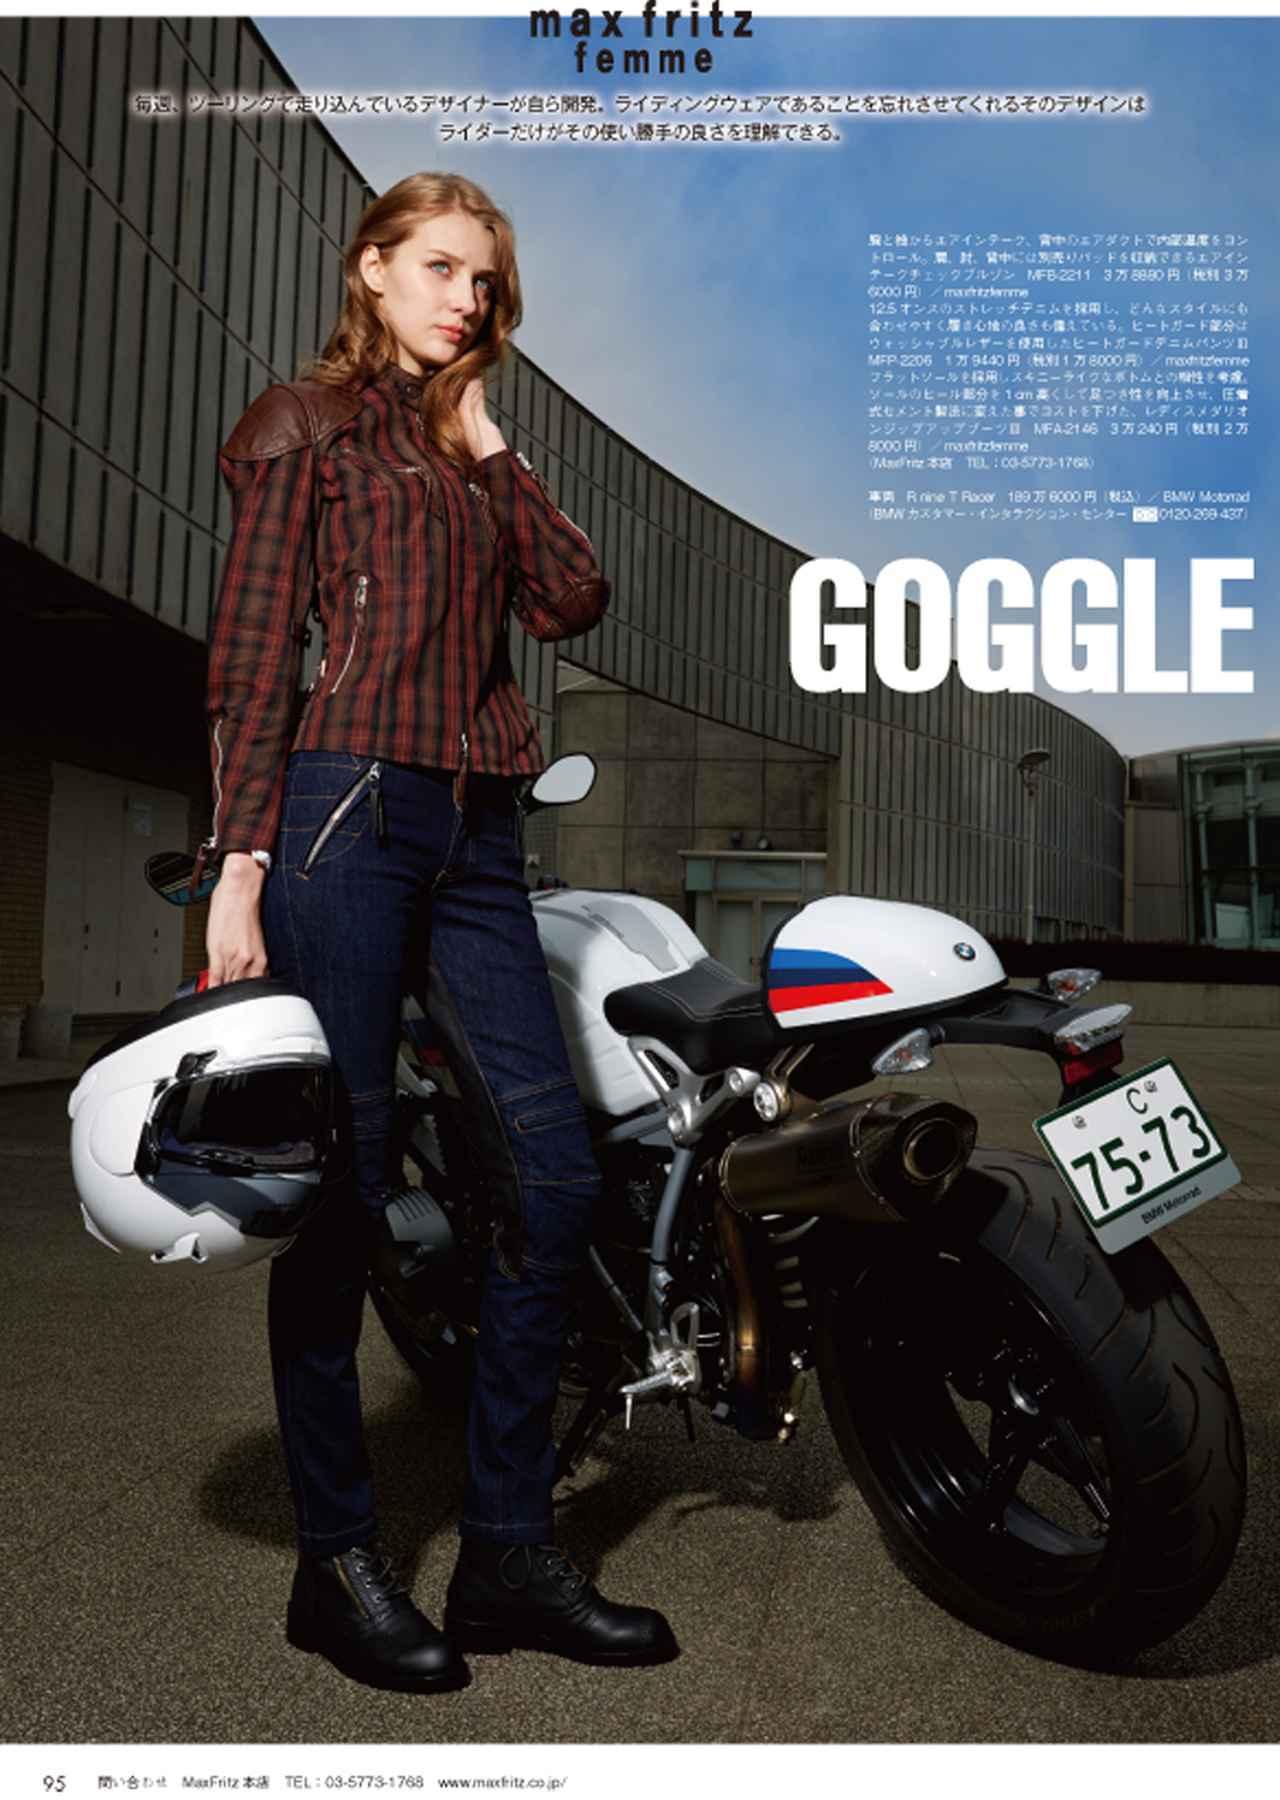 画像2: 問い合わせ MaxFritz 本店 TEL:03-5773-1768 www.maxfritz.co.jp/